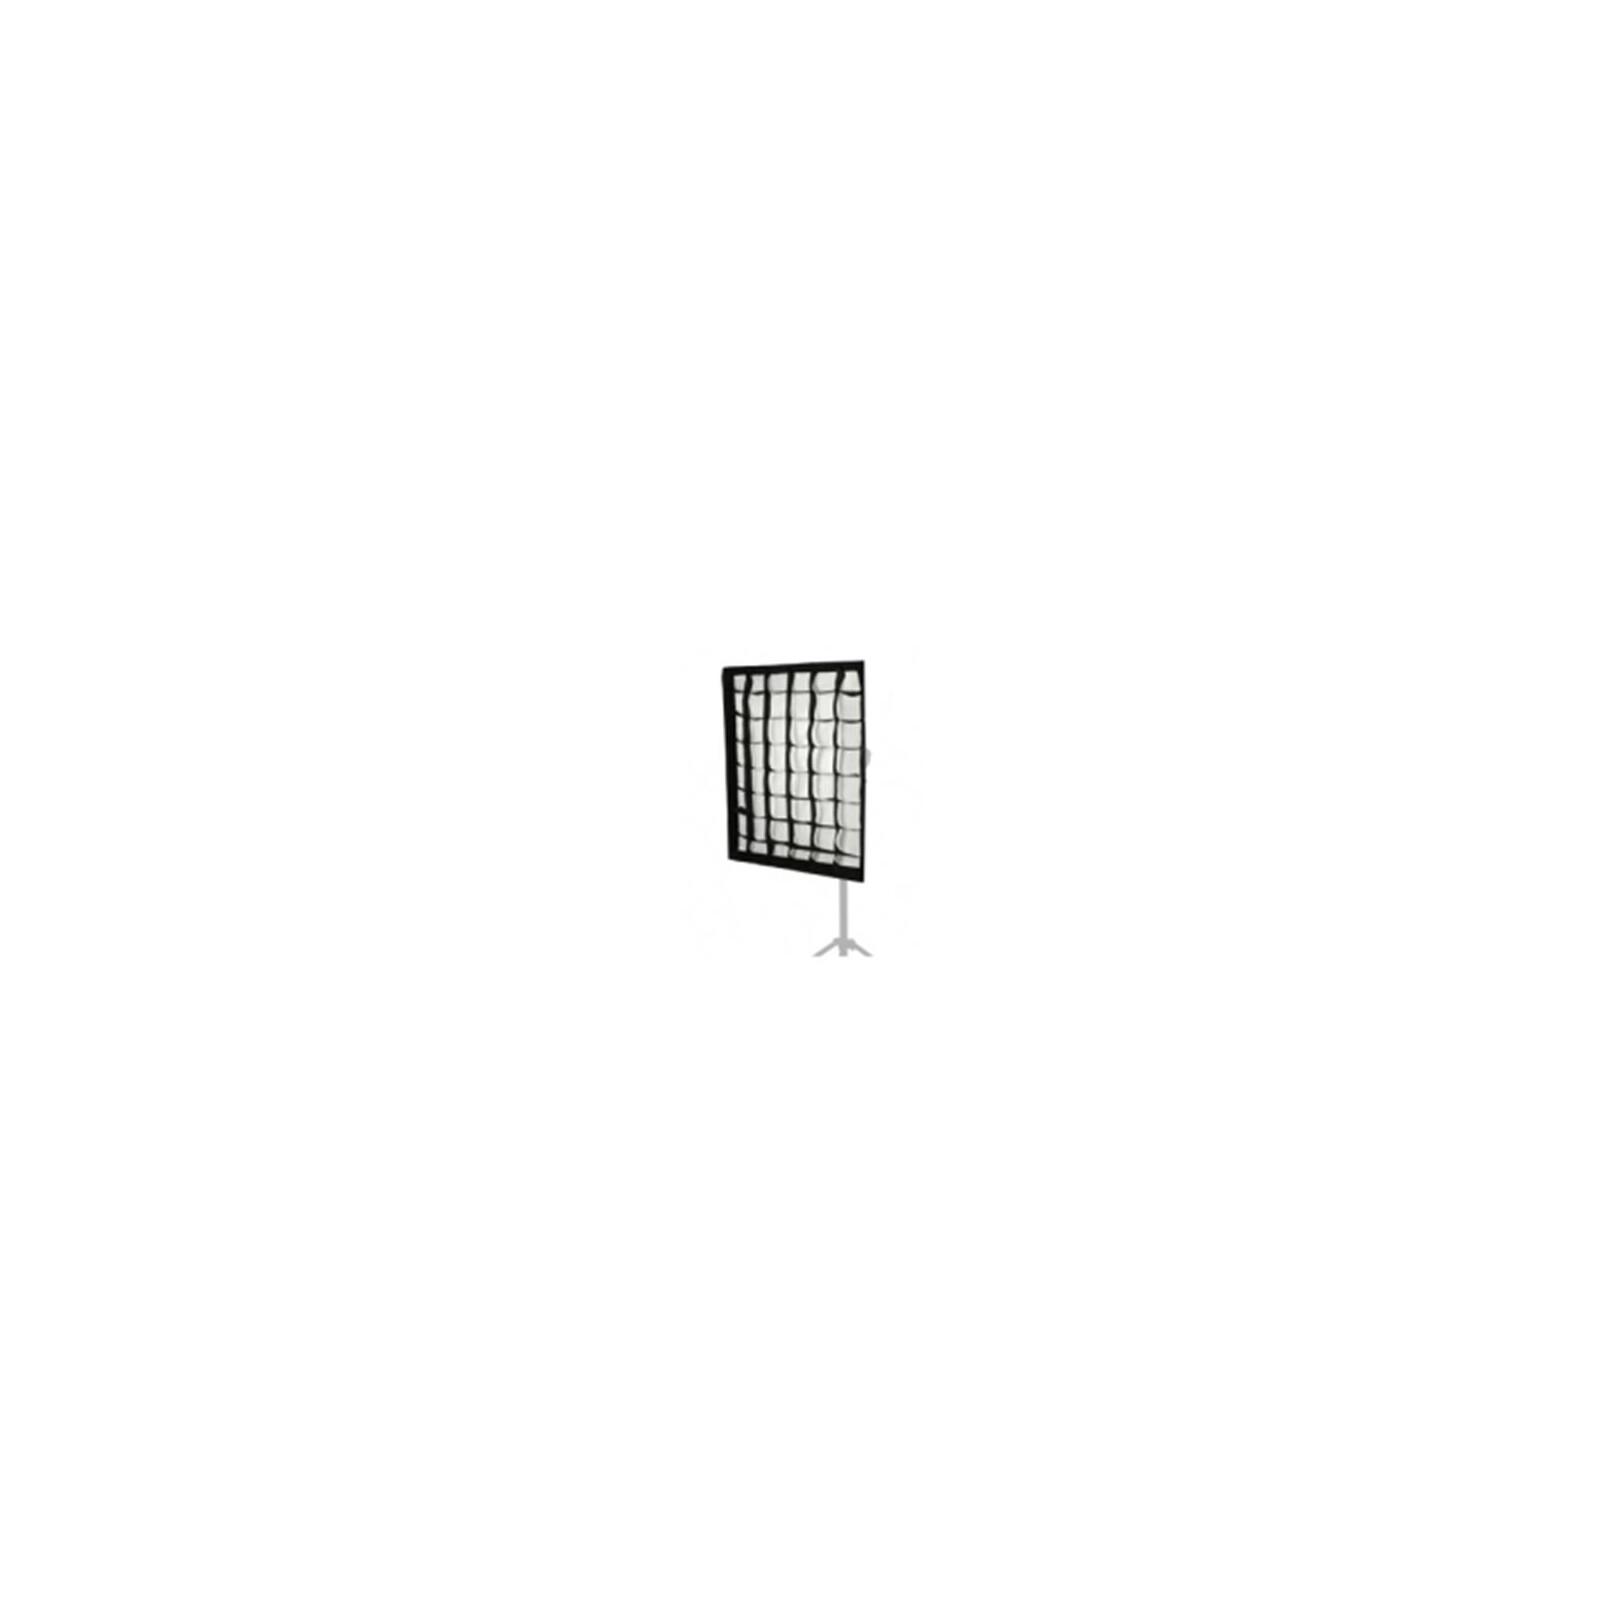 walimex pro Softbox PLUS 60x80cm für Hensel EH